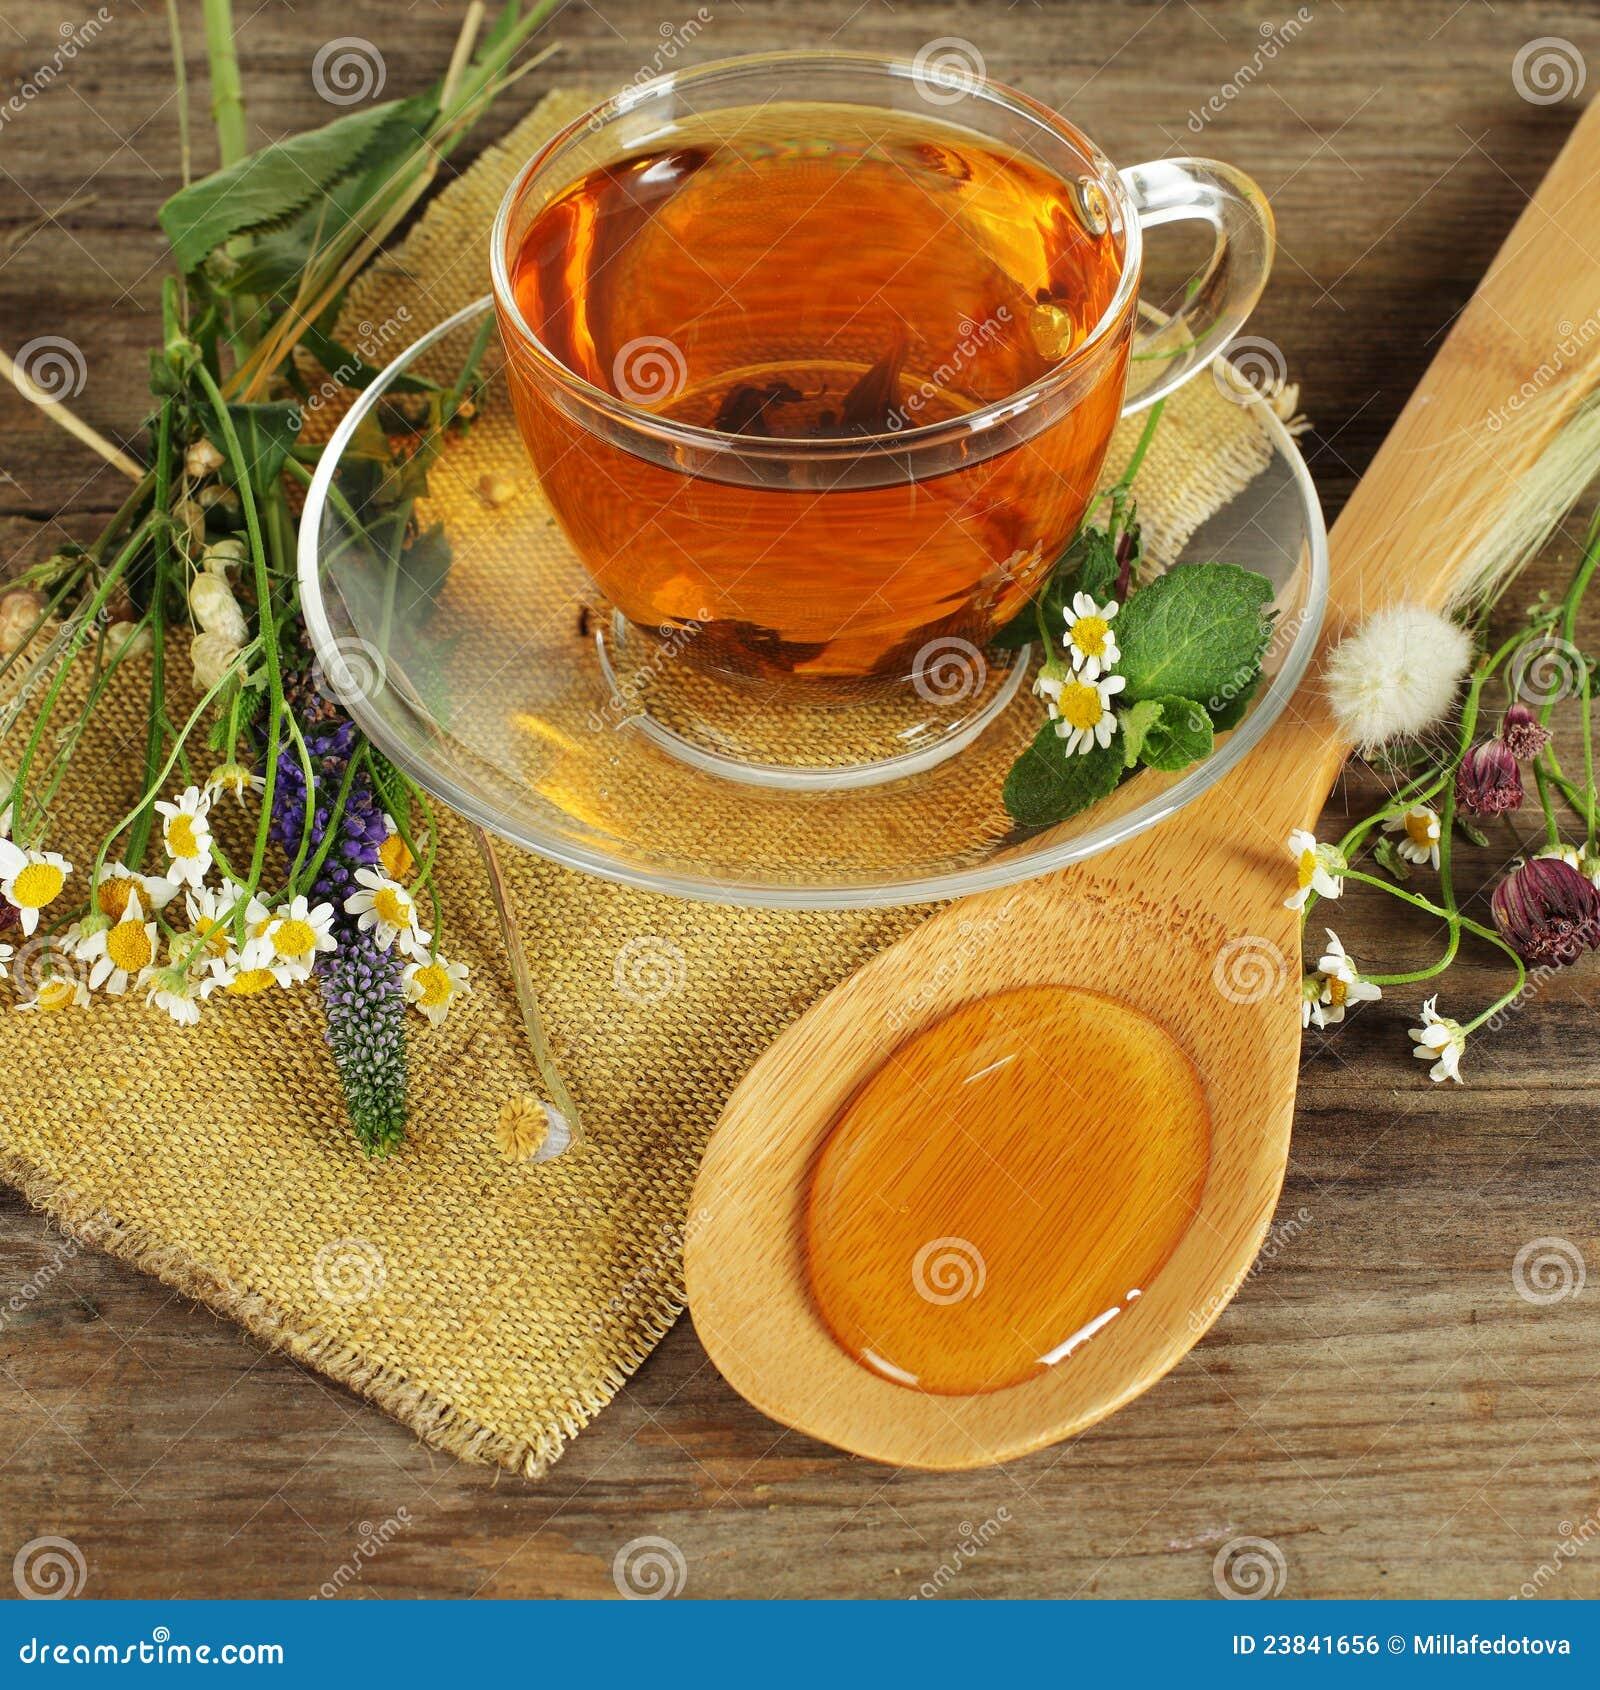 Диета Зеленый чай 2 варианта, меню, отзывы